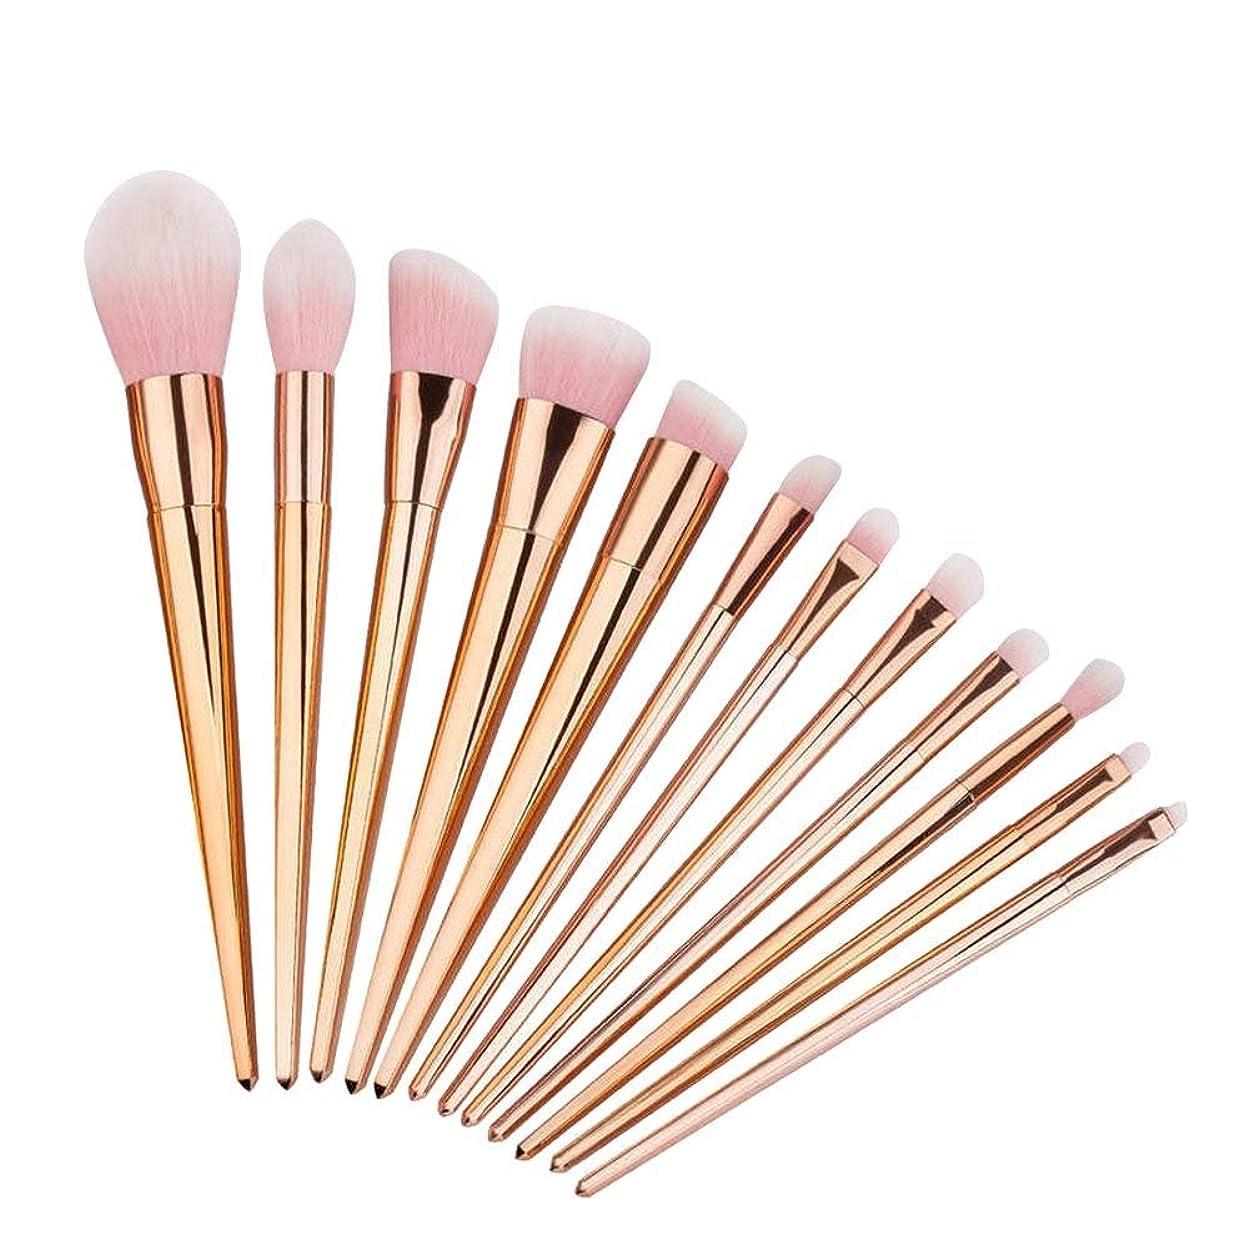 しばしば寮姿勢プロフェッショナル メイクブラシ 化粧筆 シリーズ 化粧ブラシセット 高級タクロン 超柔らかい 可愛い リップブラシツール 12本セット